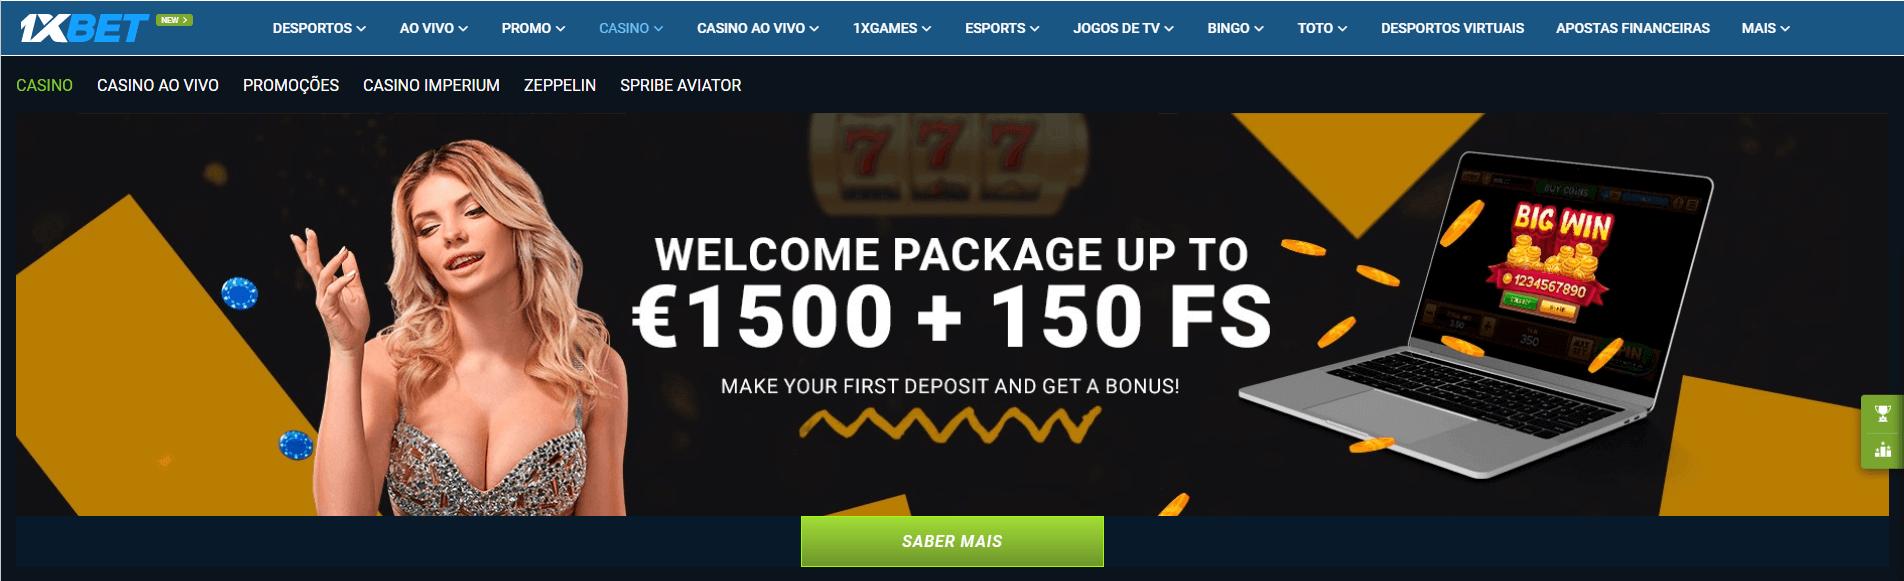 Casino-1xBet